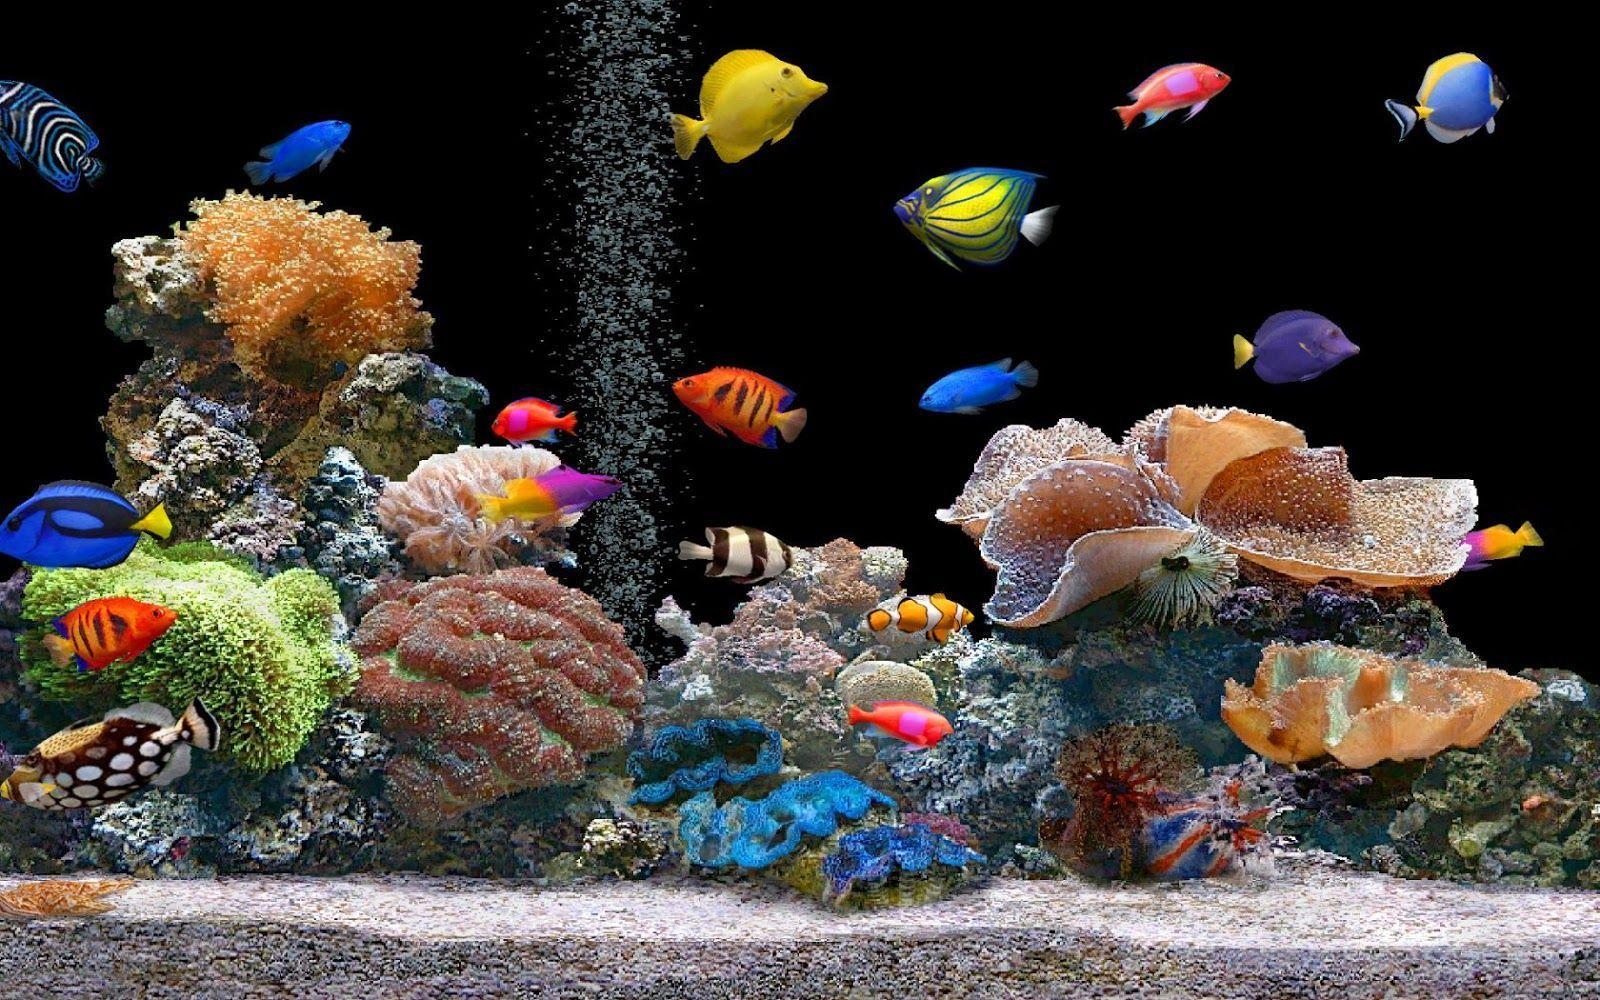 Hd Live Hd Wallpaper For Desktop 3d Fish Wallpaper Aquarium Live Wallpaper Saltwater Fish Tanks